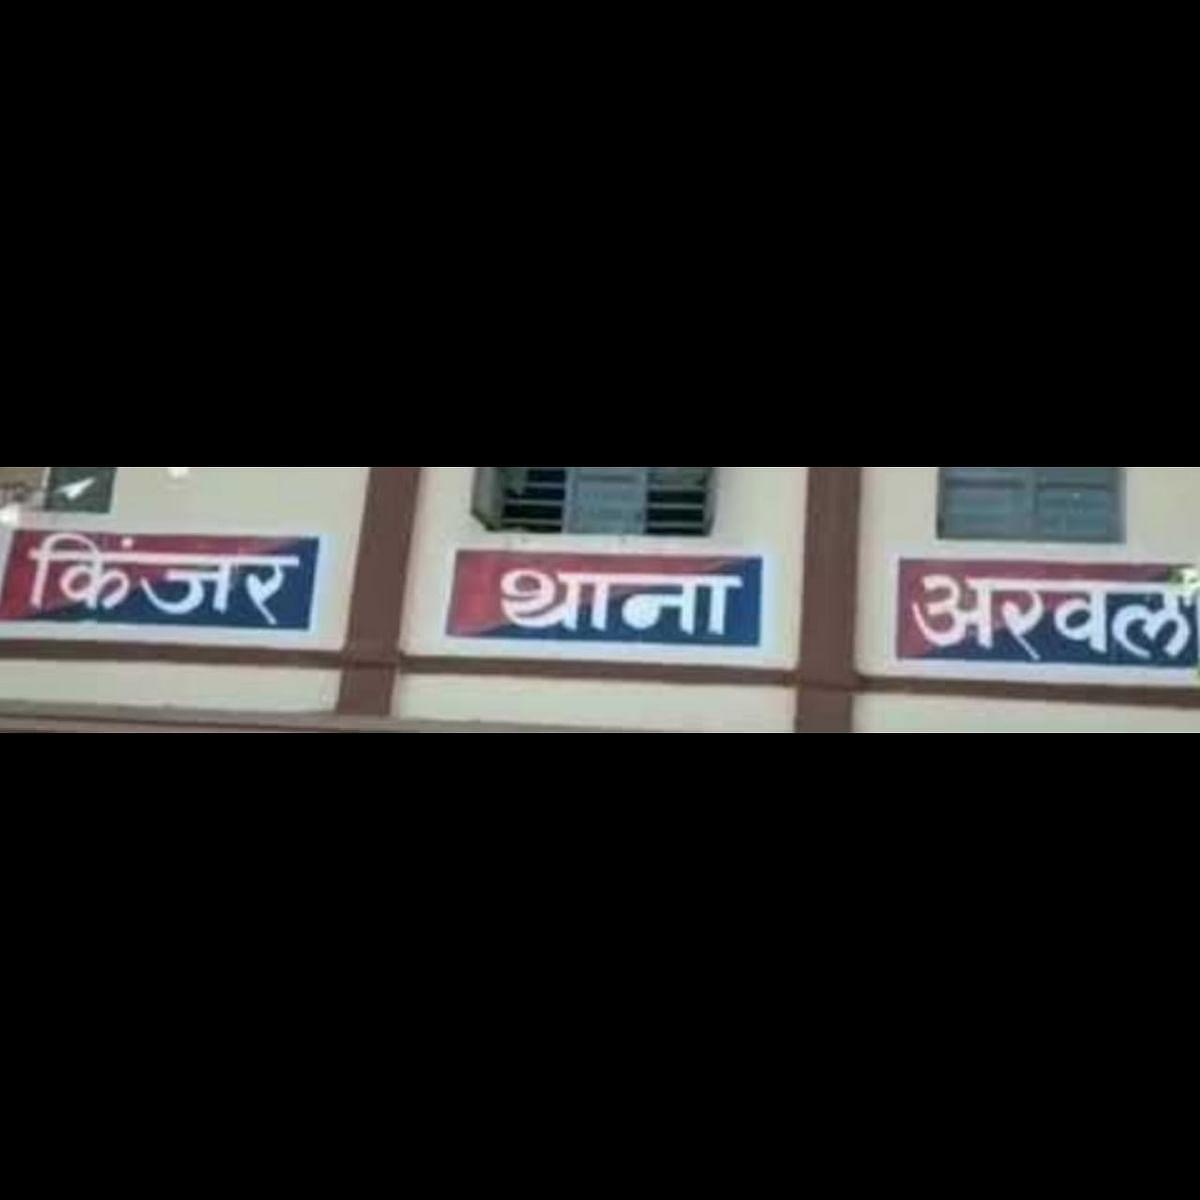 Bengal News: किंजर थाने की महिला सिपाही ने की आत्महत्या, कई दिनों से थी परेशान, जांच में जुटी पुलिस